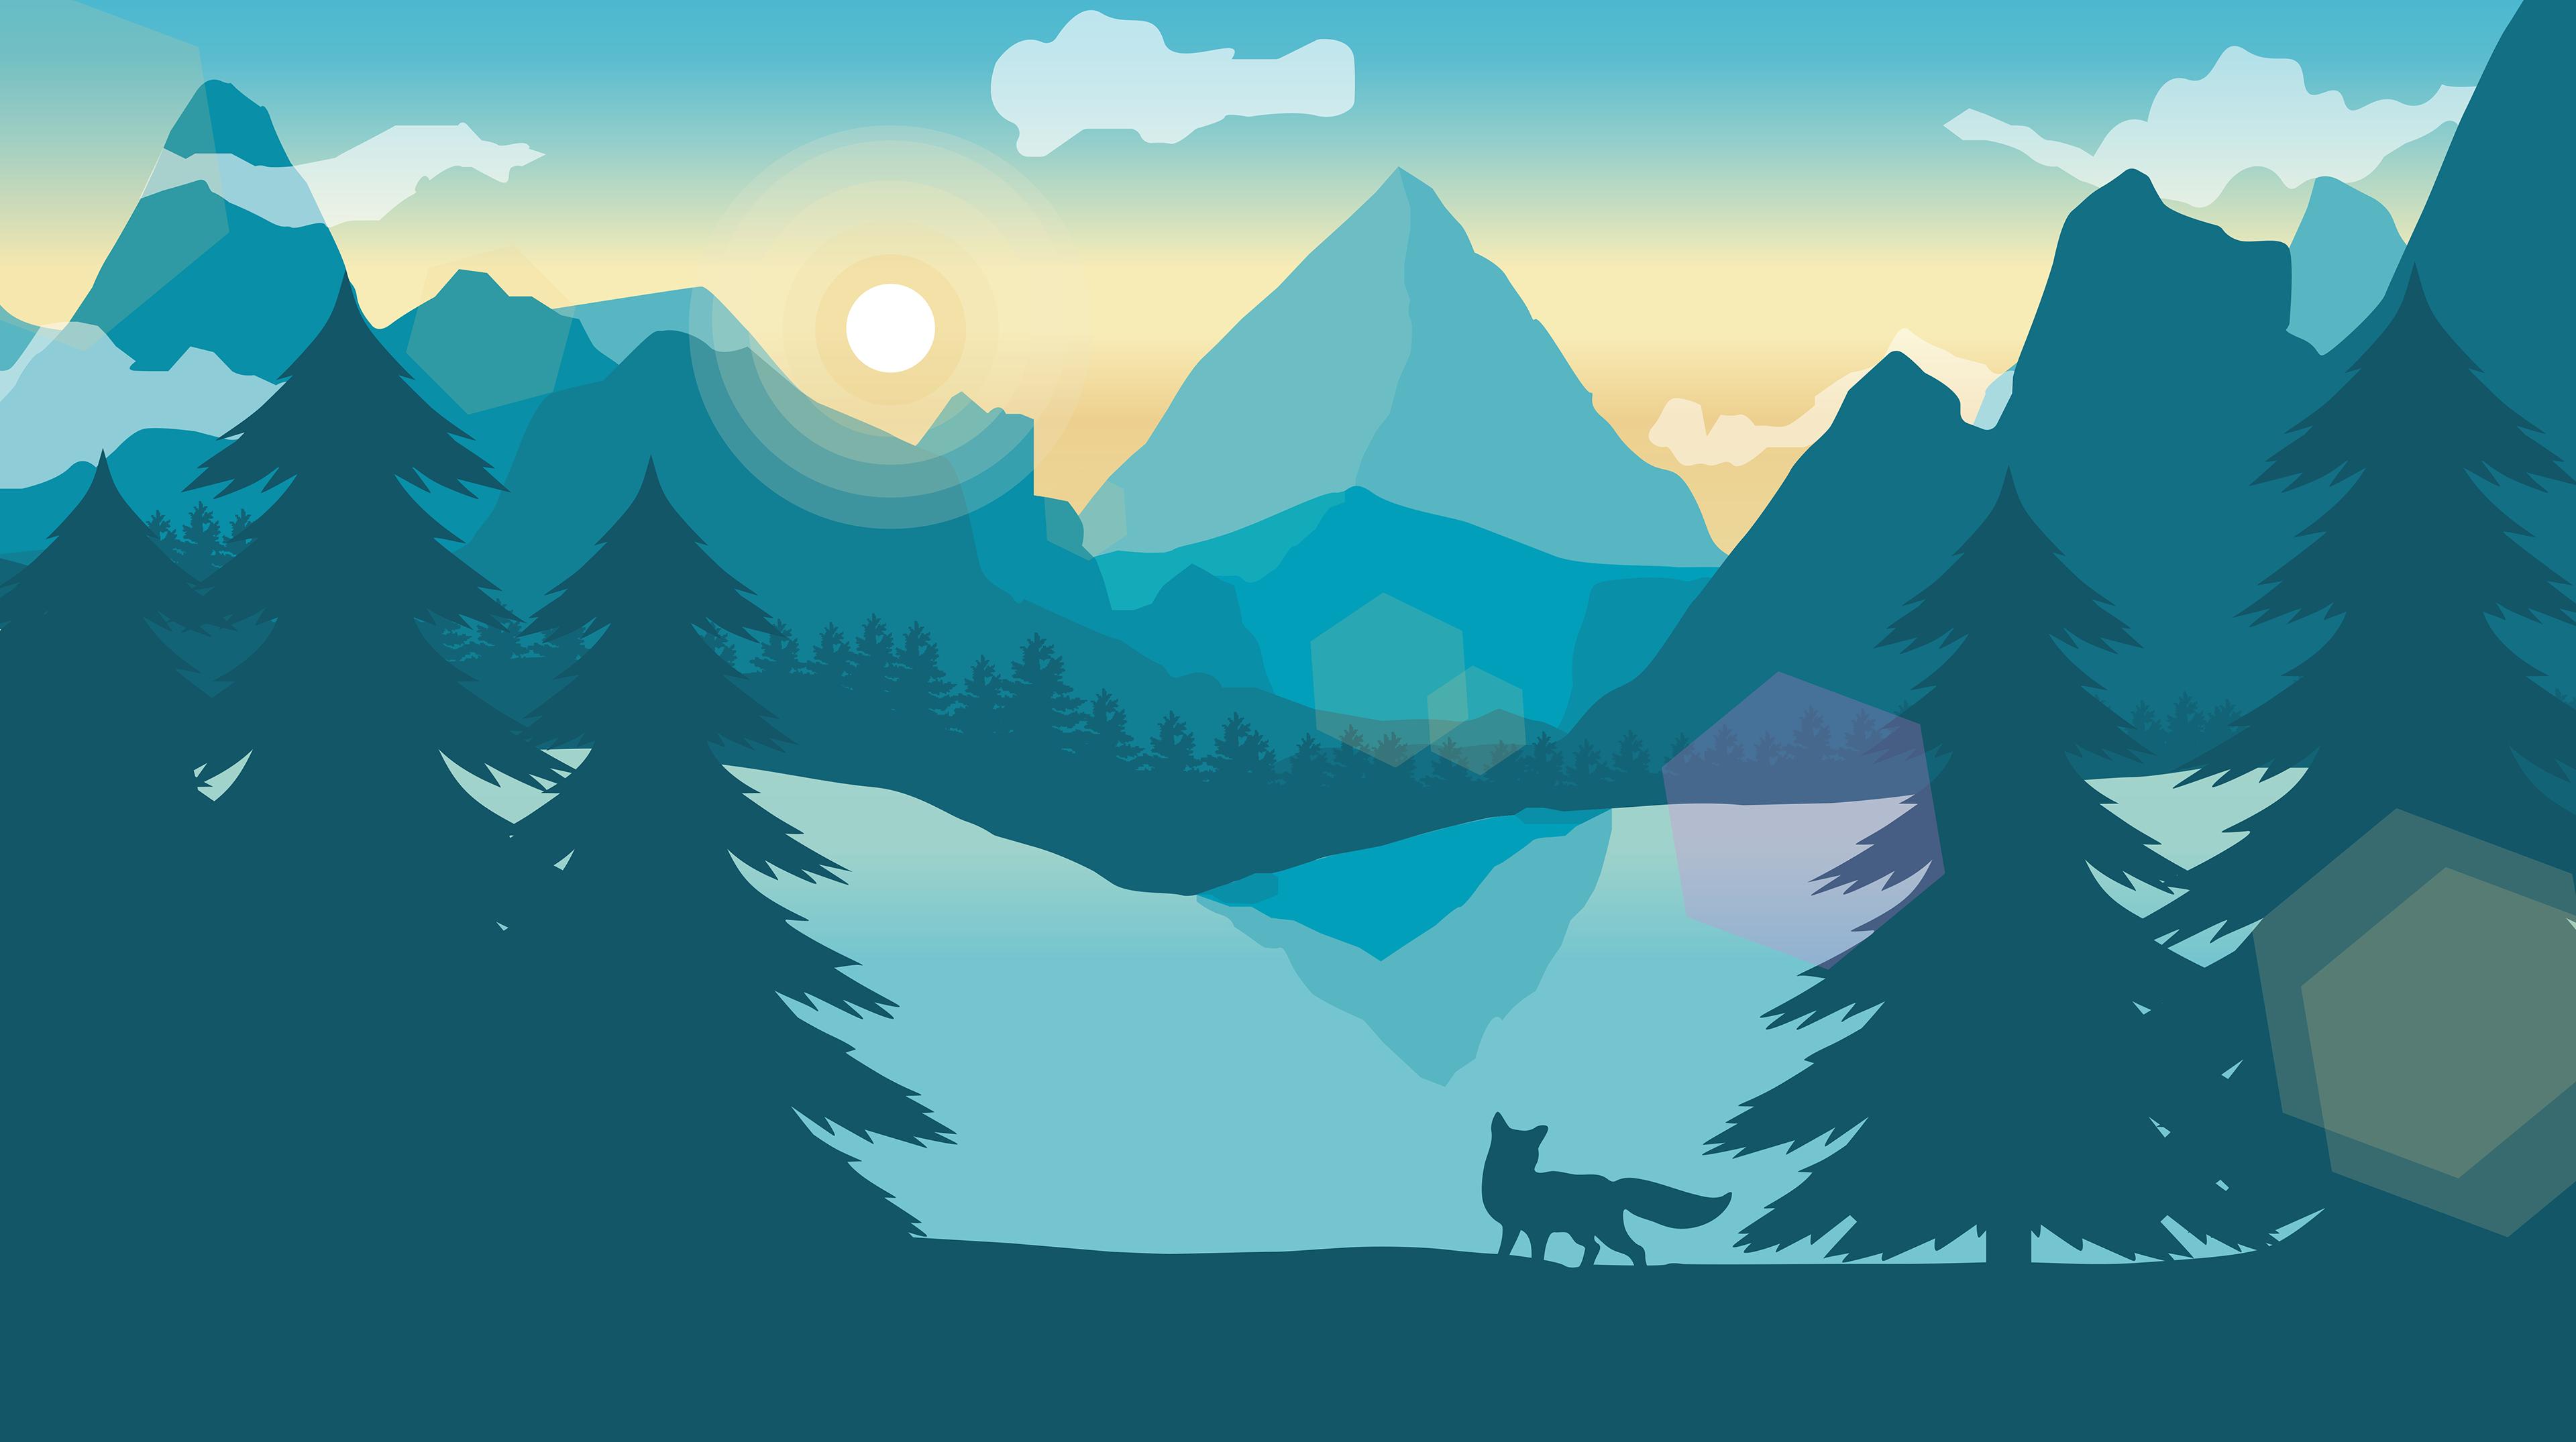 Landscape Illustration Vector Free: Flat Landscape Digital Illustration